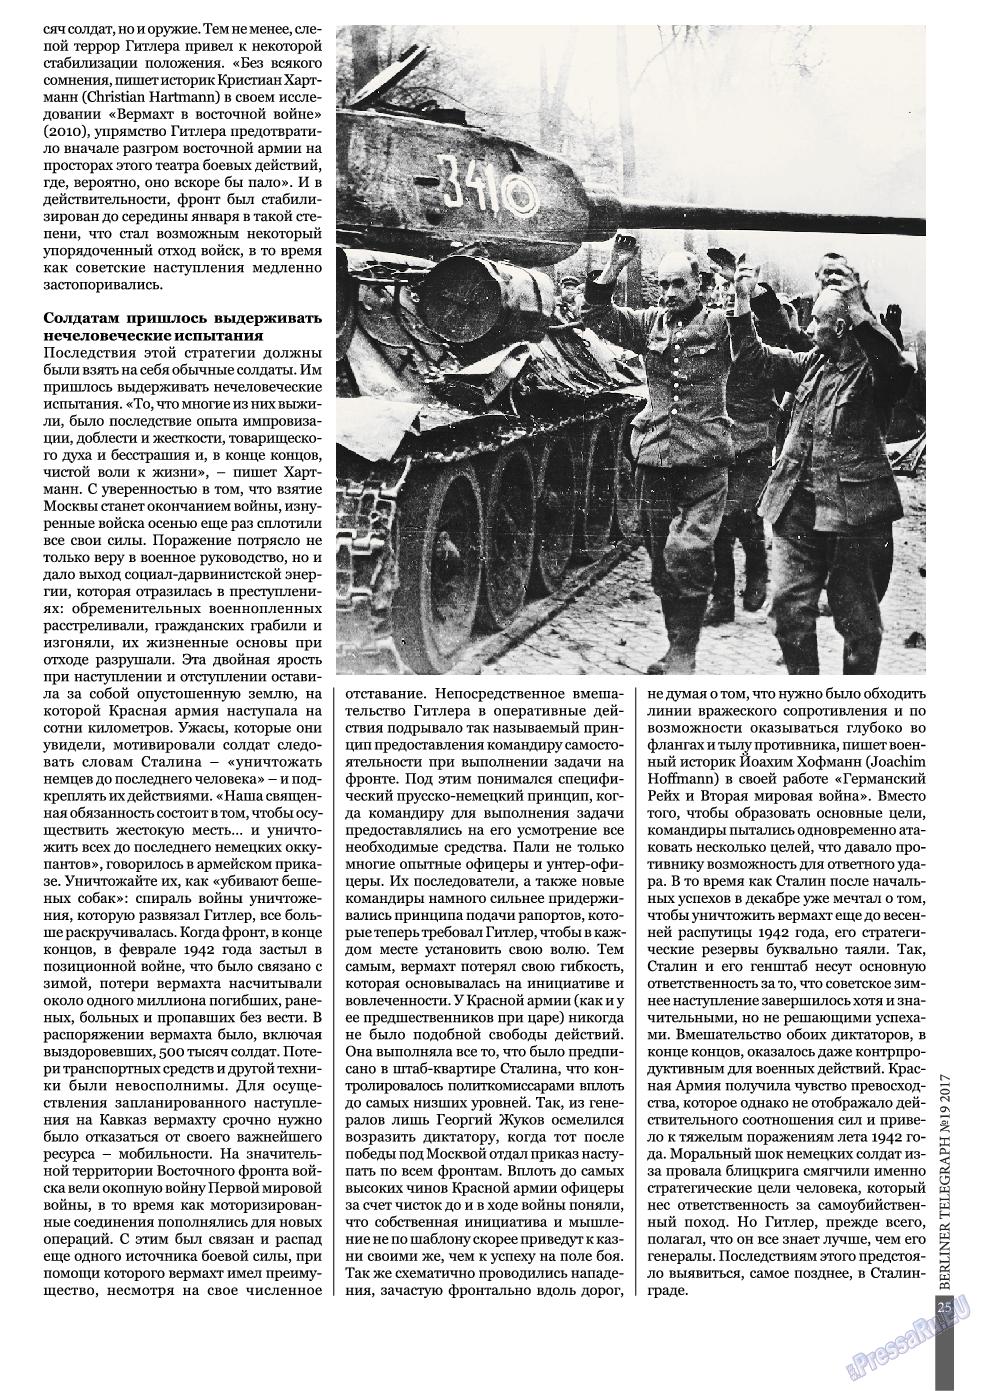 Берлинский телеграф (журнал). 2017 год, номер 19, стр. 25